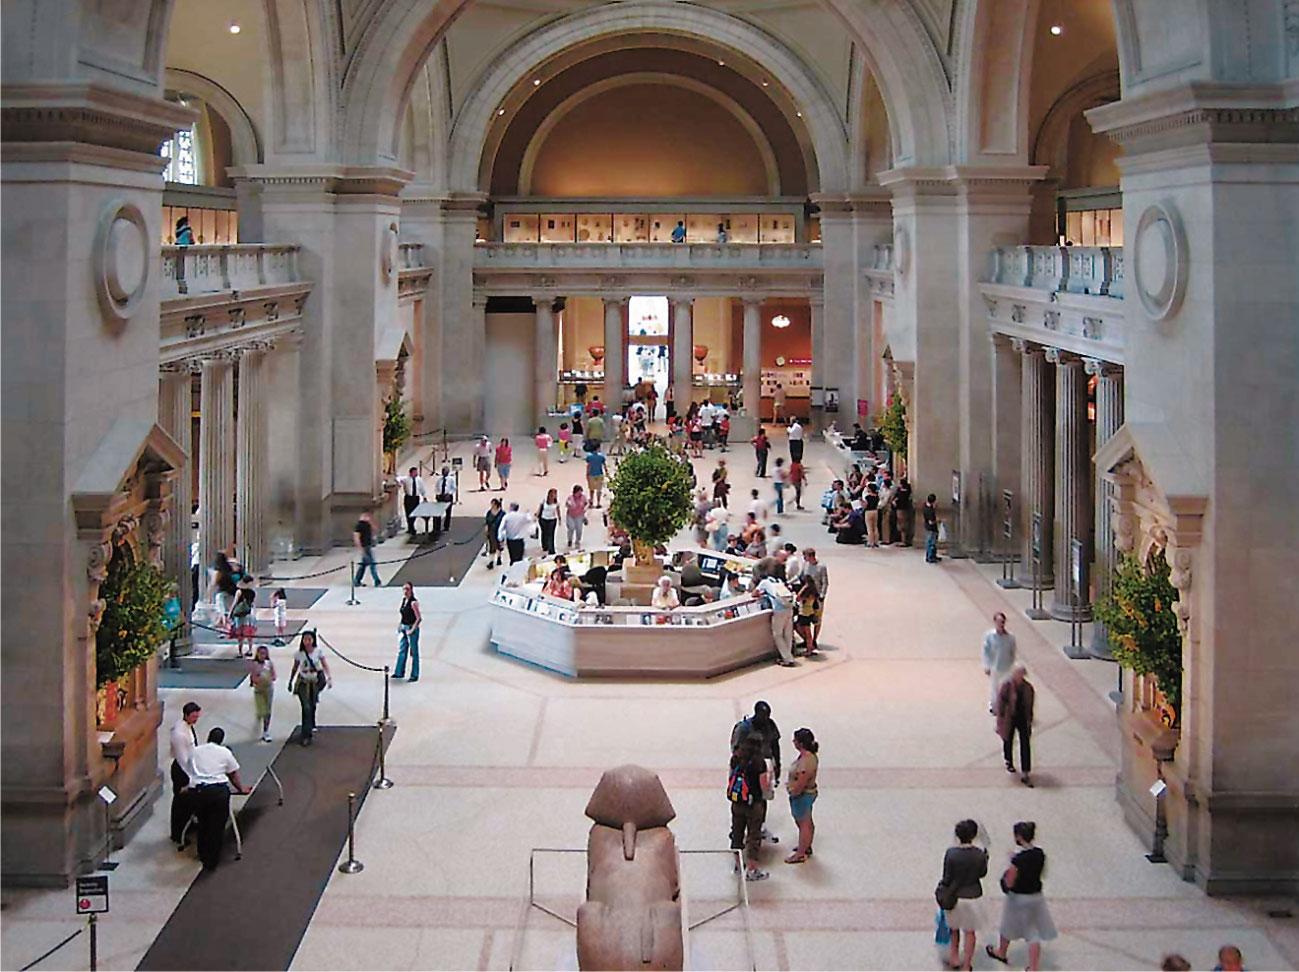 السياحة في نيويورك - متحف المتروبوليتان للفن